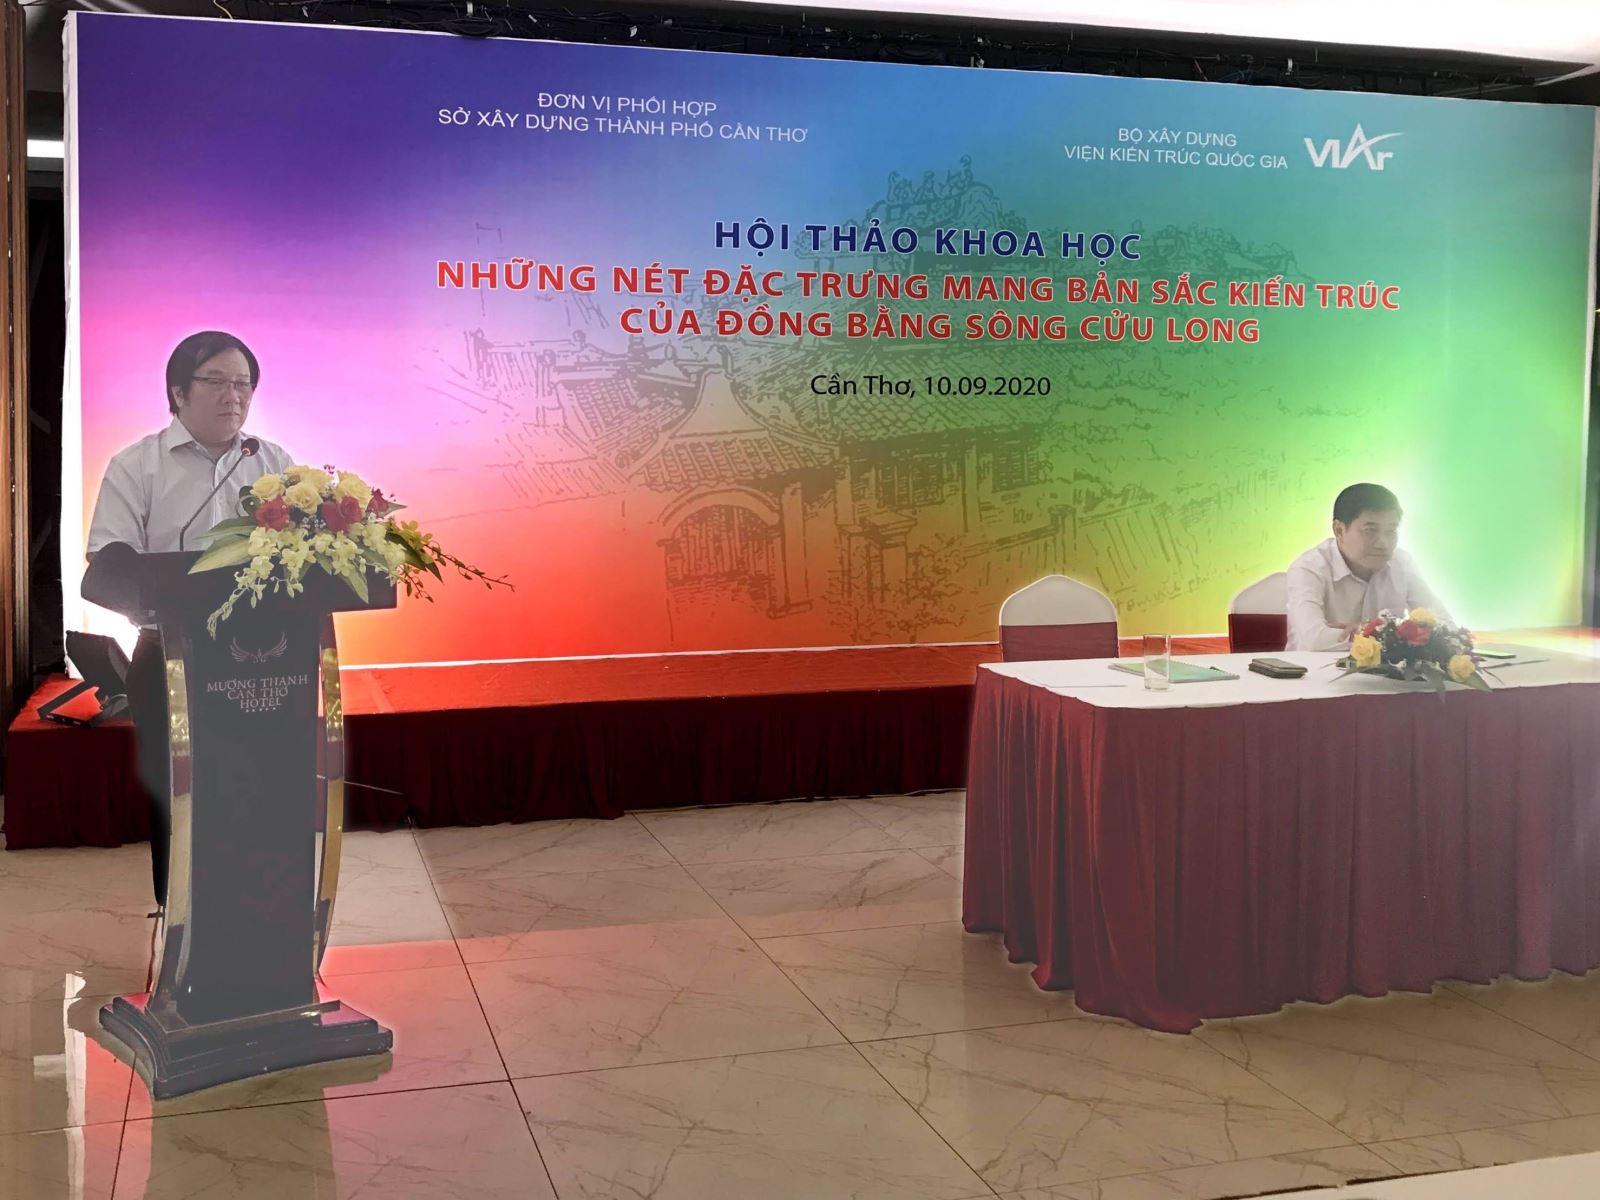 Viện Kiến trúc quốc gia tổ chức hội thảo khoa học về bản sắc kiến trúc vùng Đồng bằng Sông Cửu Long